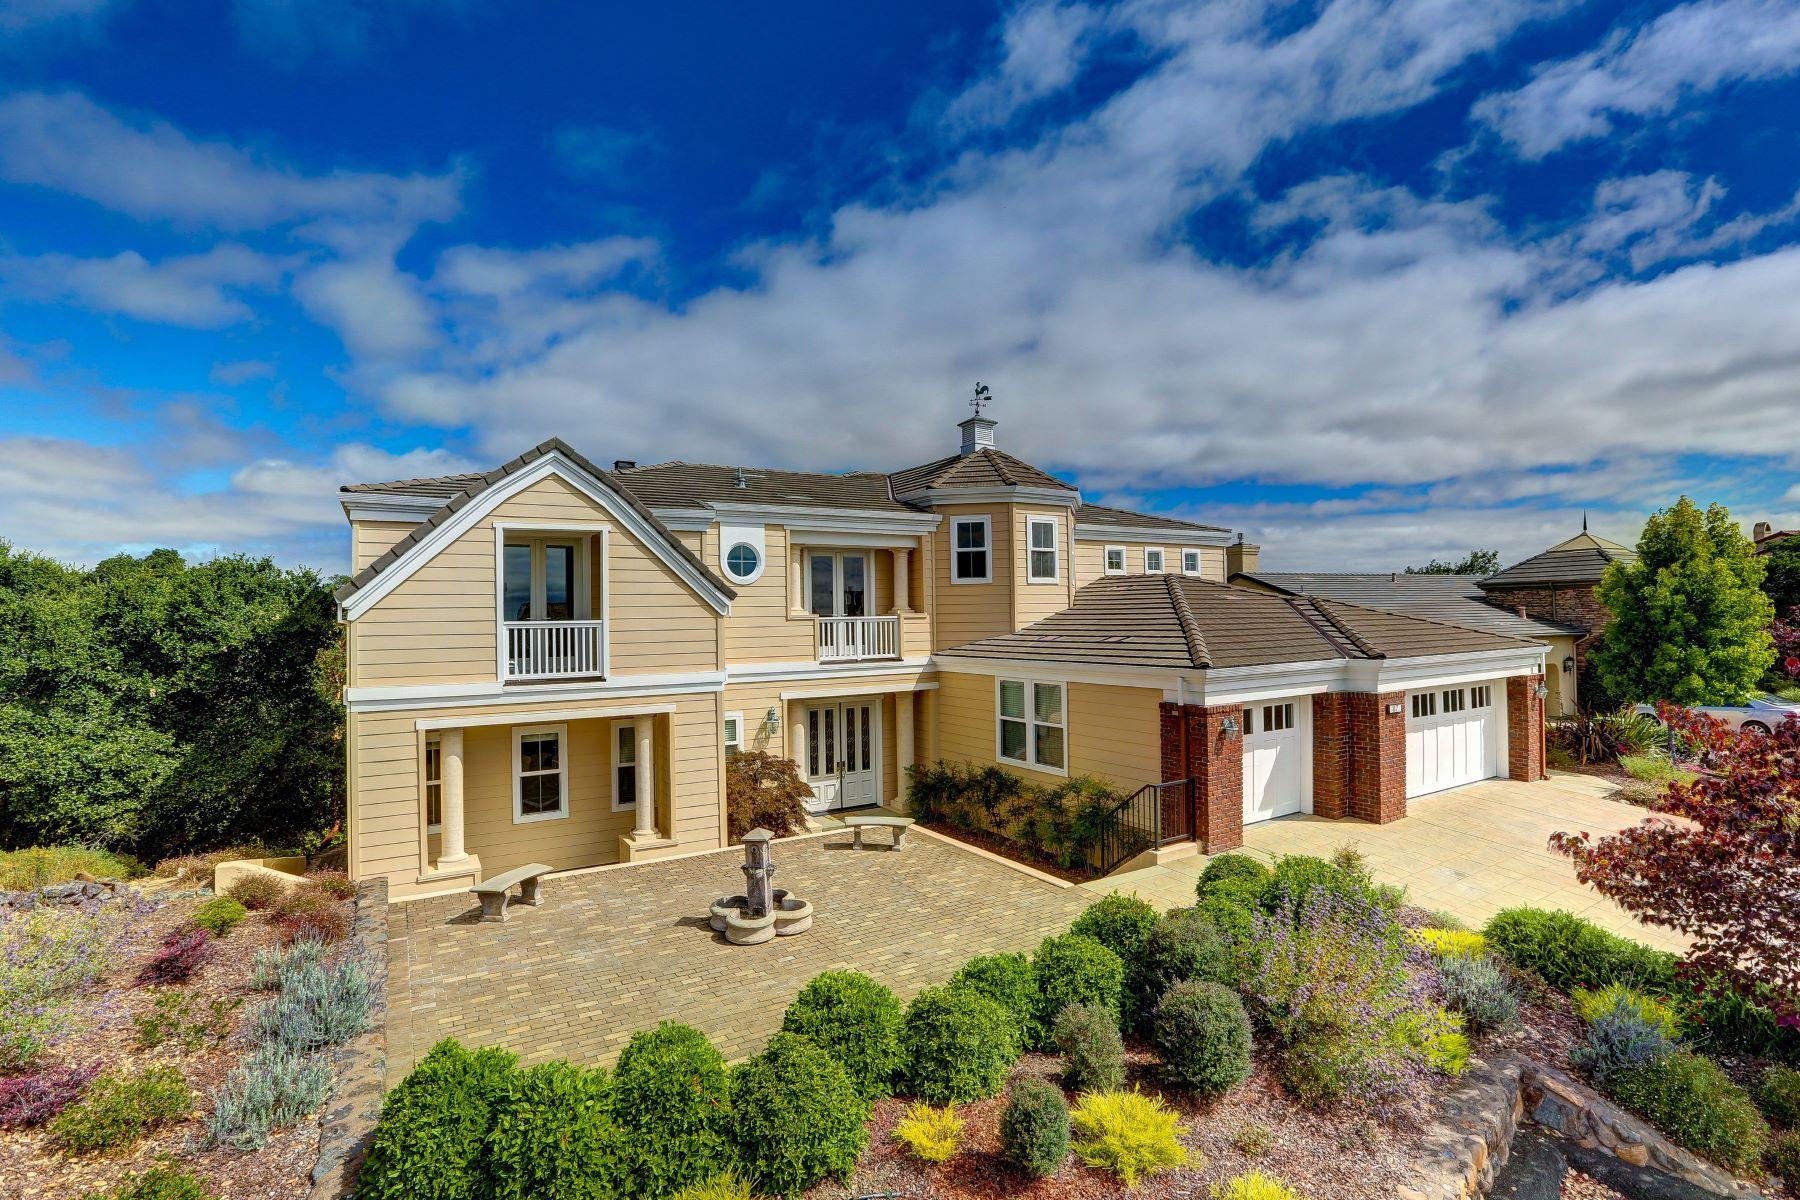 Maison unifamiliale pour l Vente à Bay Club Stonetree Golf Property 87 Stonetree Novato, Californie, 94945 États-Unis